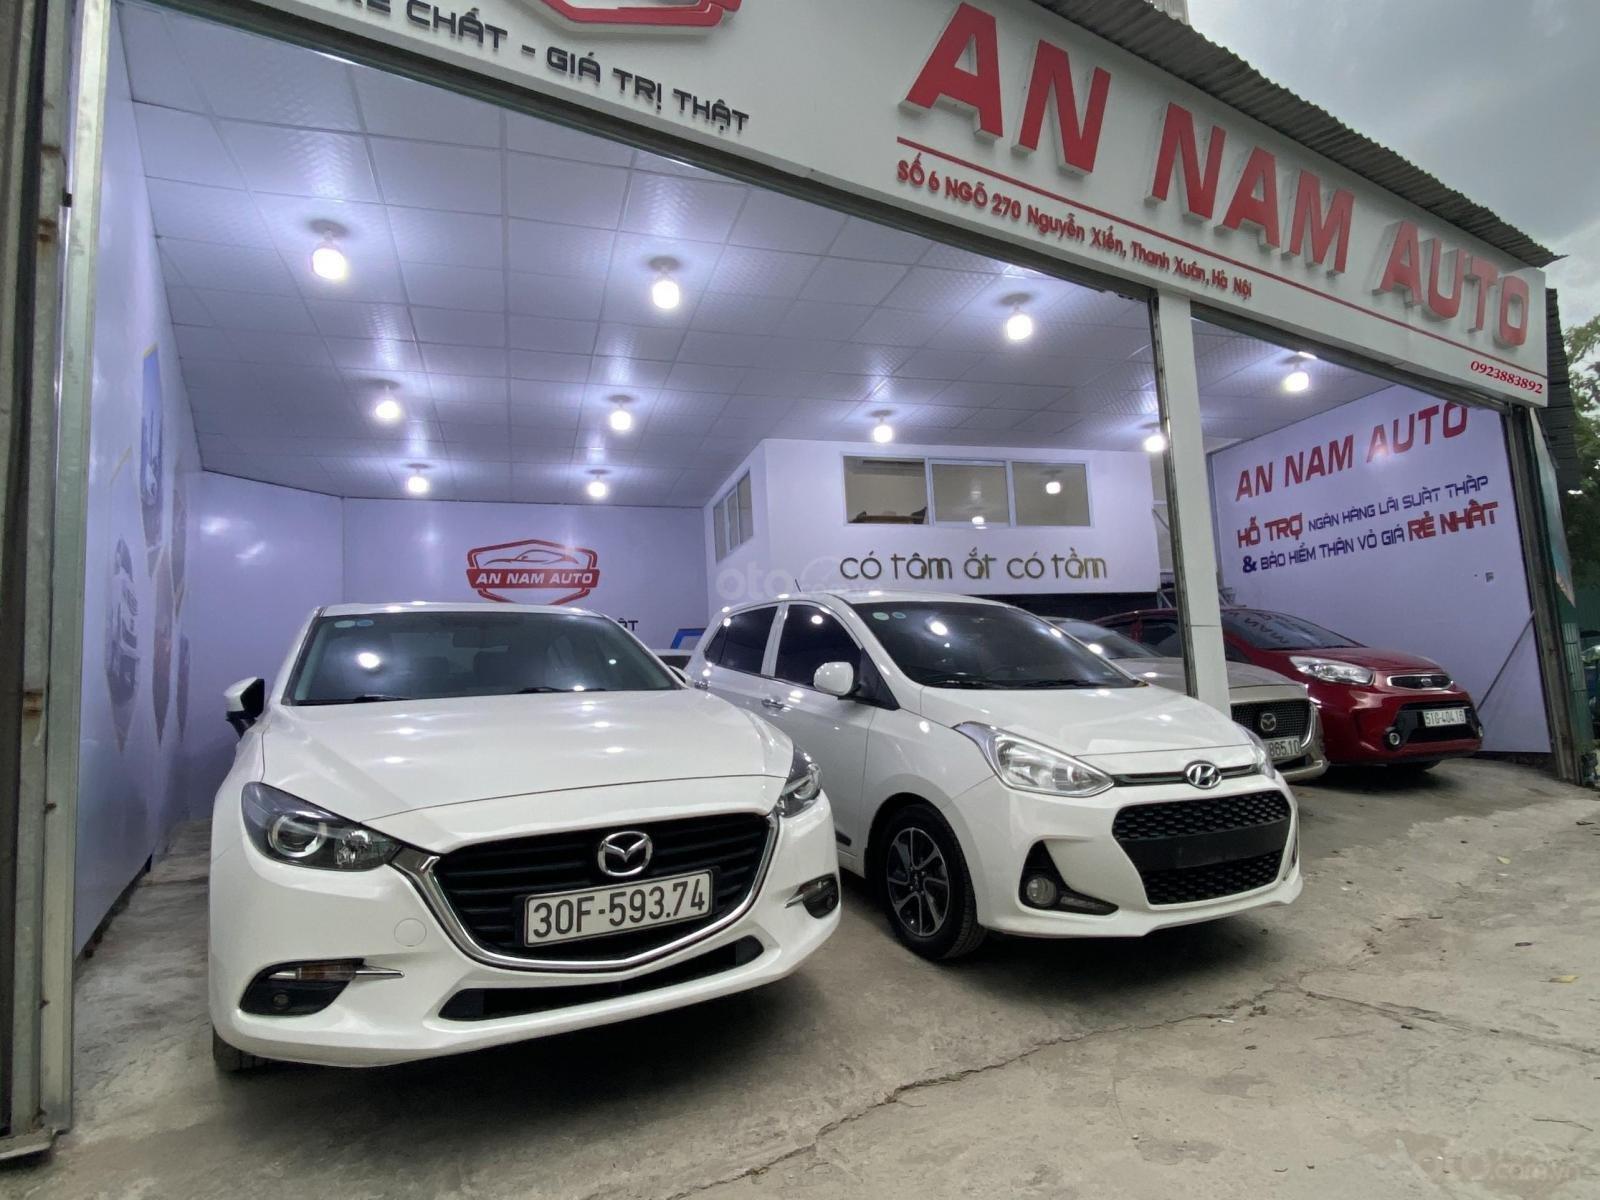 An Nam Auto (4)